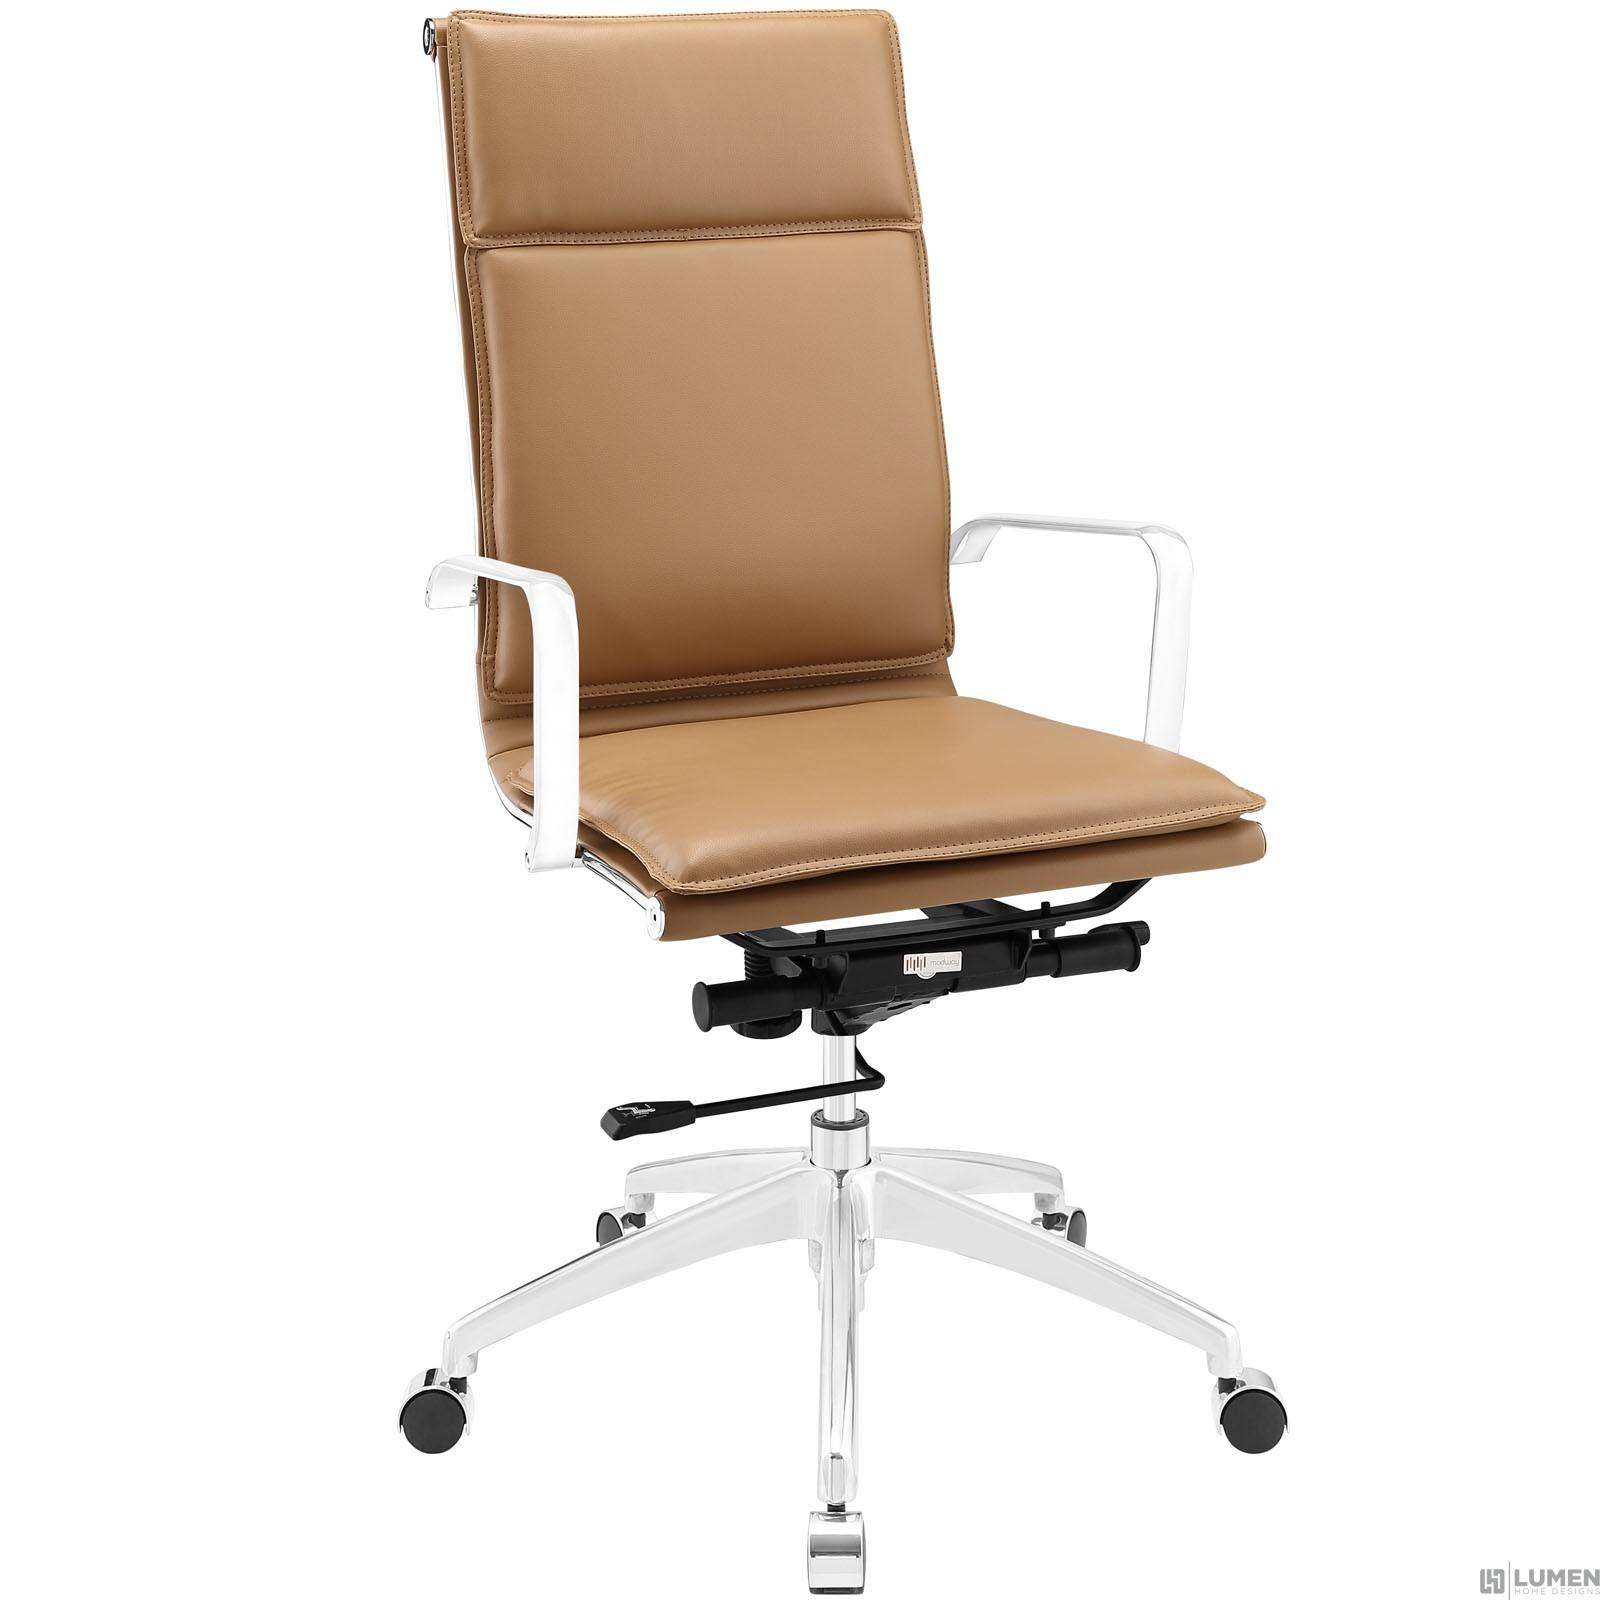 LHD-1529-TAN-Office Chair